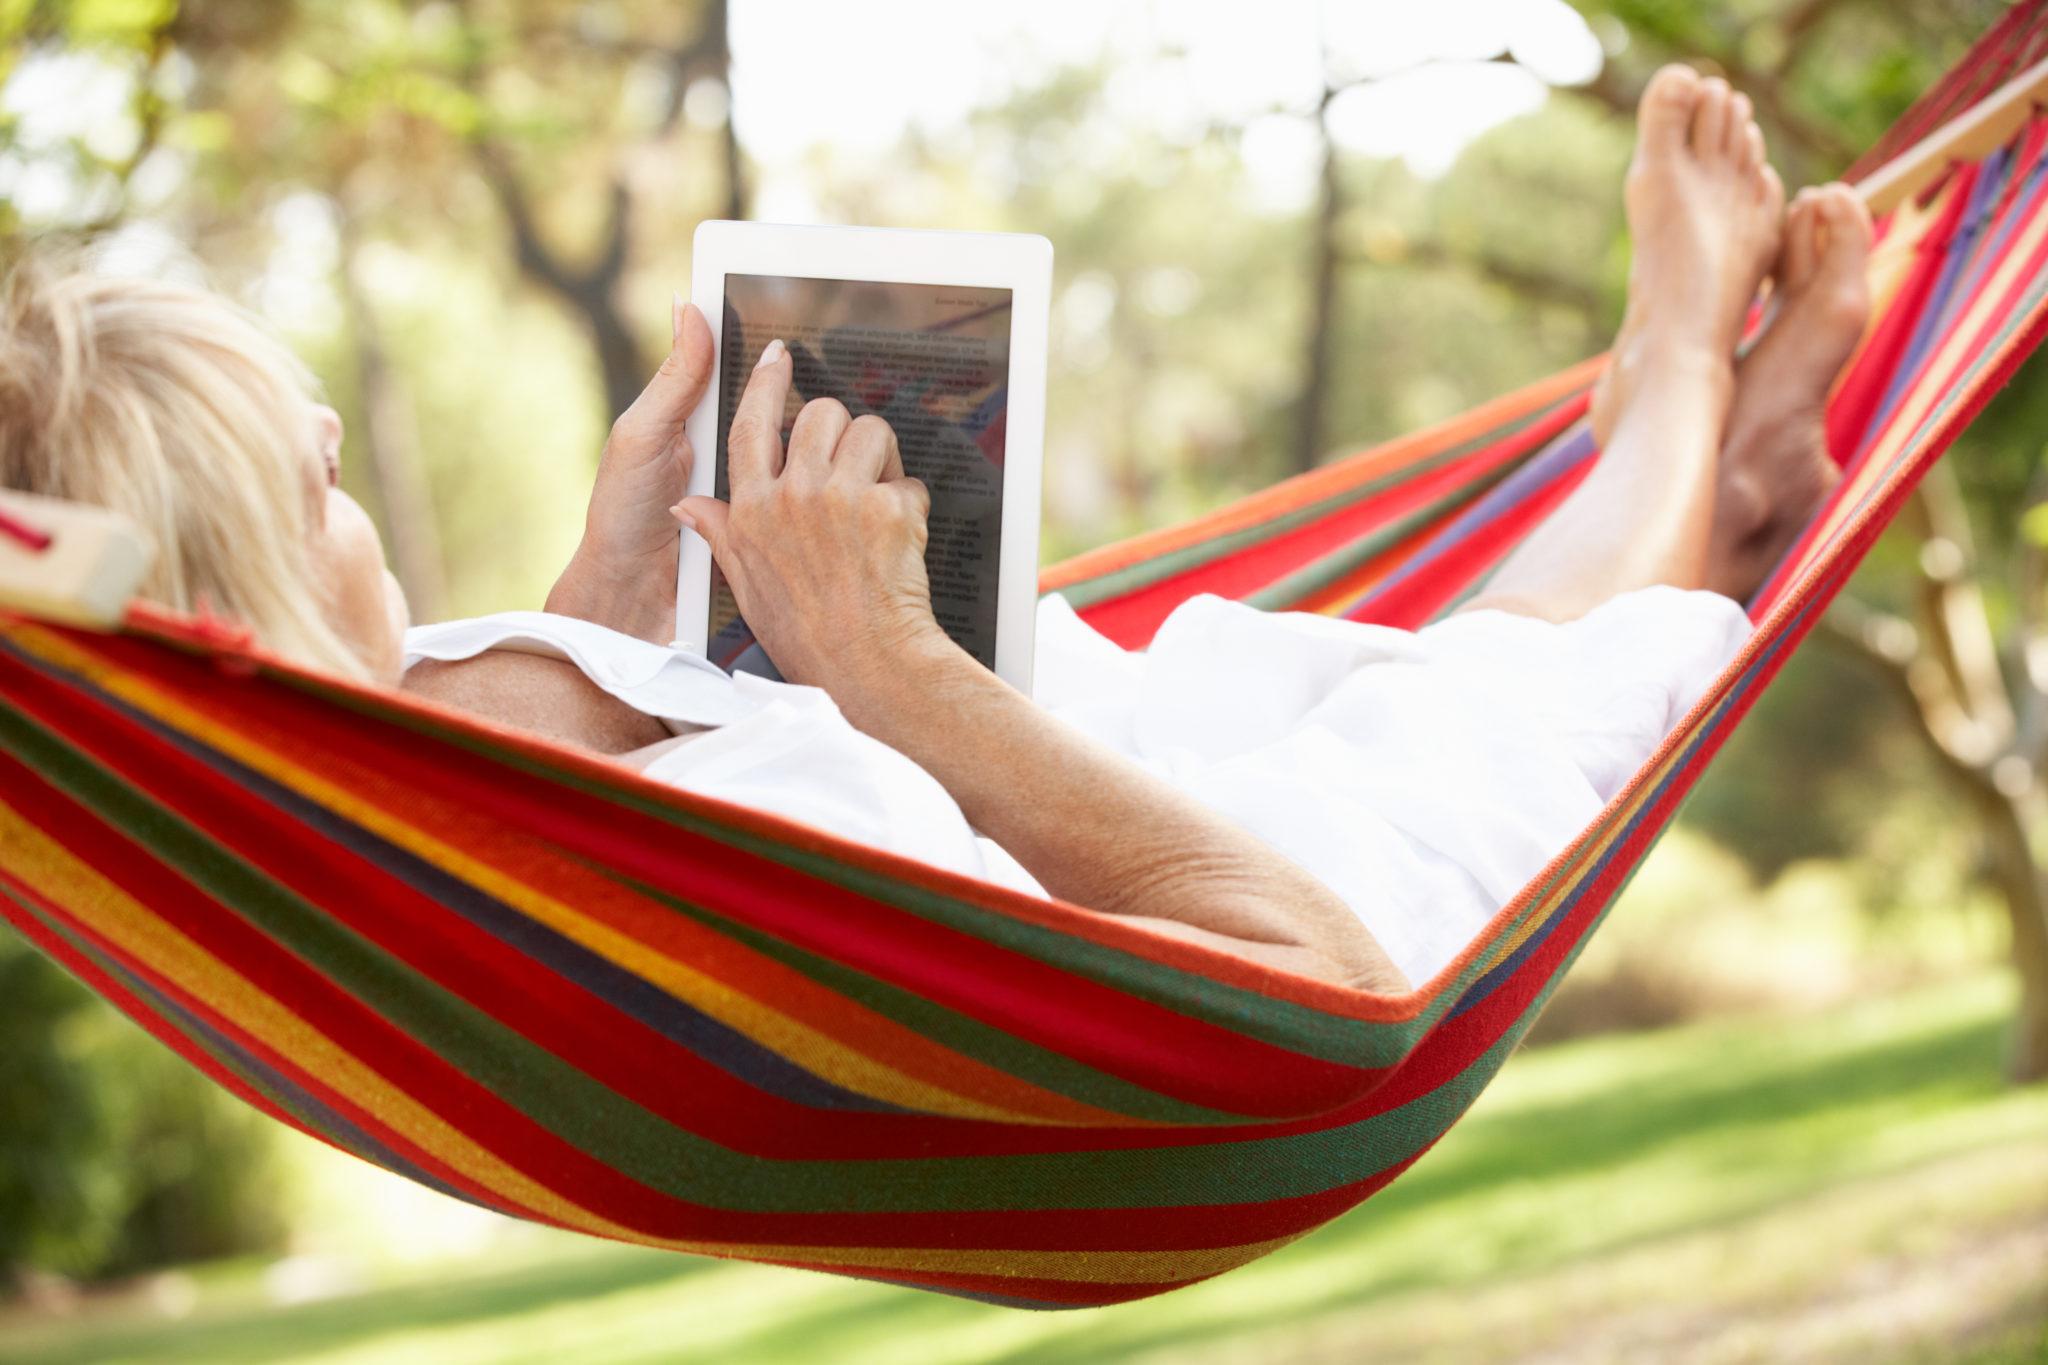 large - woman hammock ipad tablet